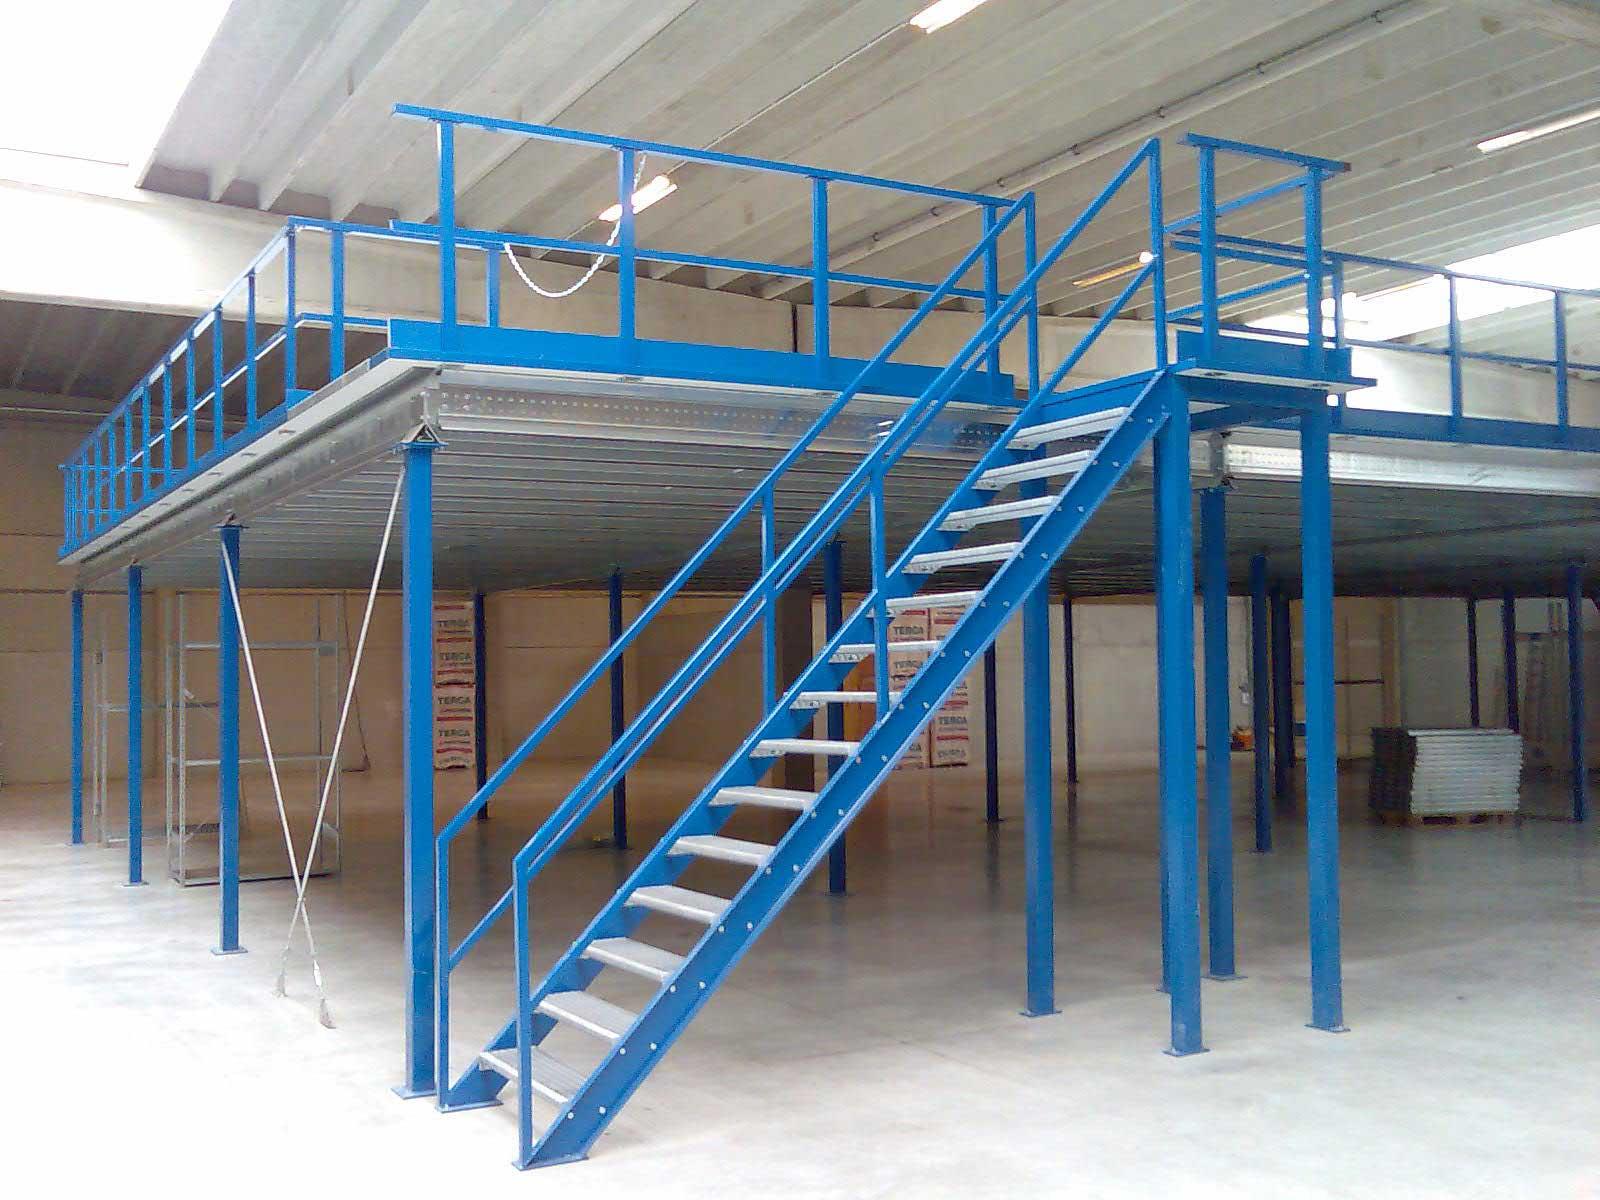 О мезонине или как обеспечить эффективное складское хранение стройматериалов и оборудования